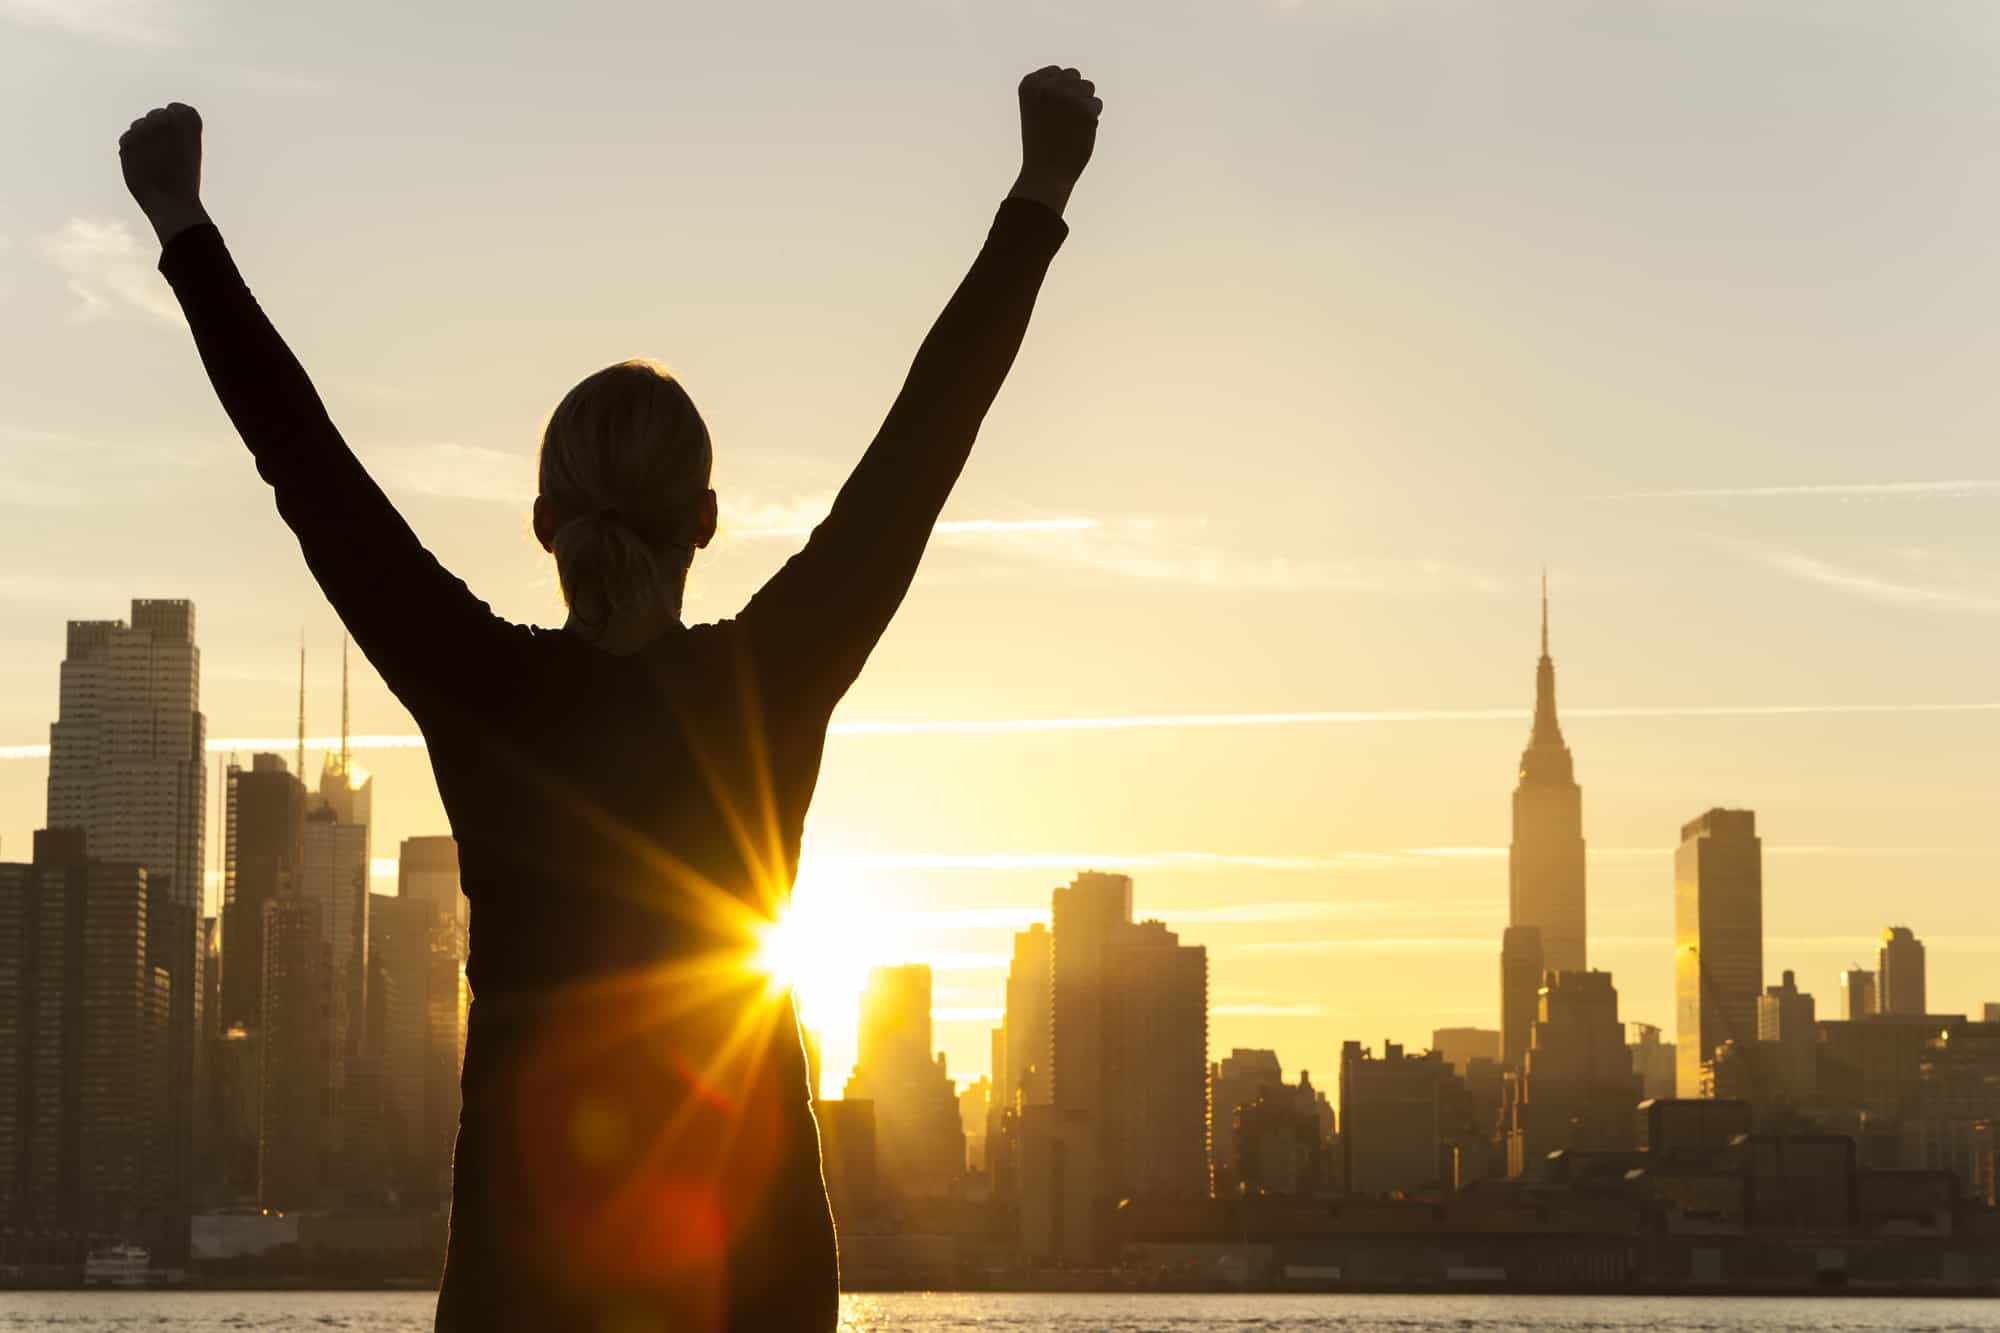 صور شعر عن النجاح , اعذب ما قيل من ابيات عن النجاح